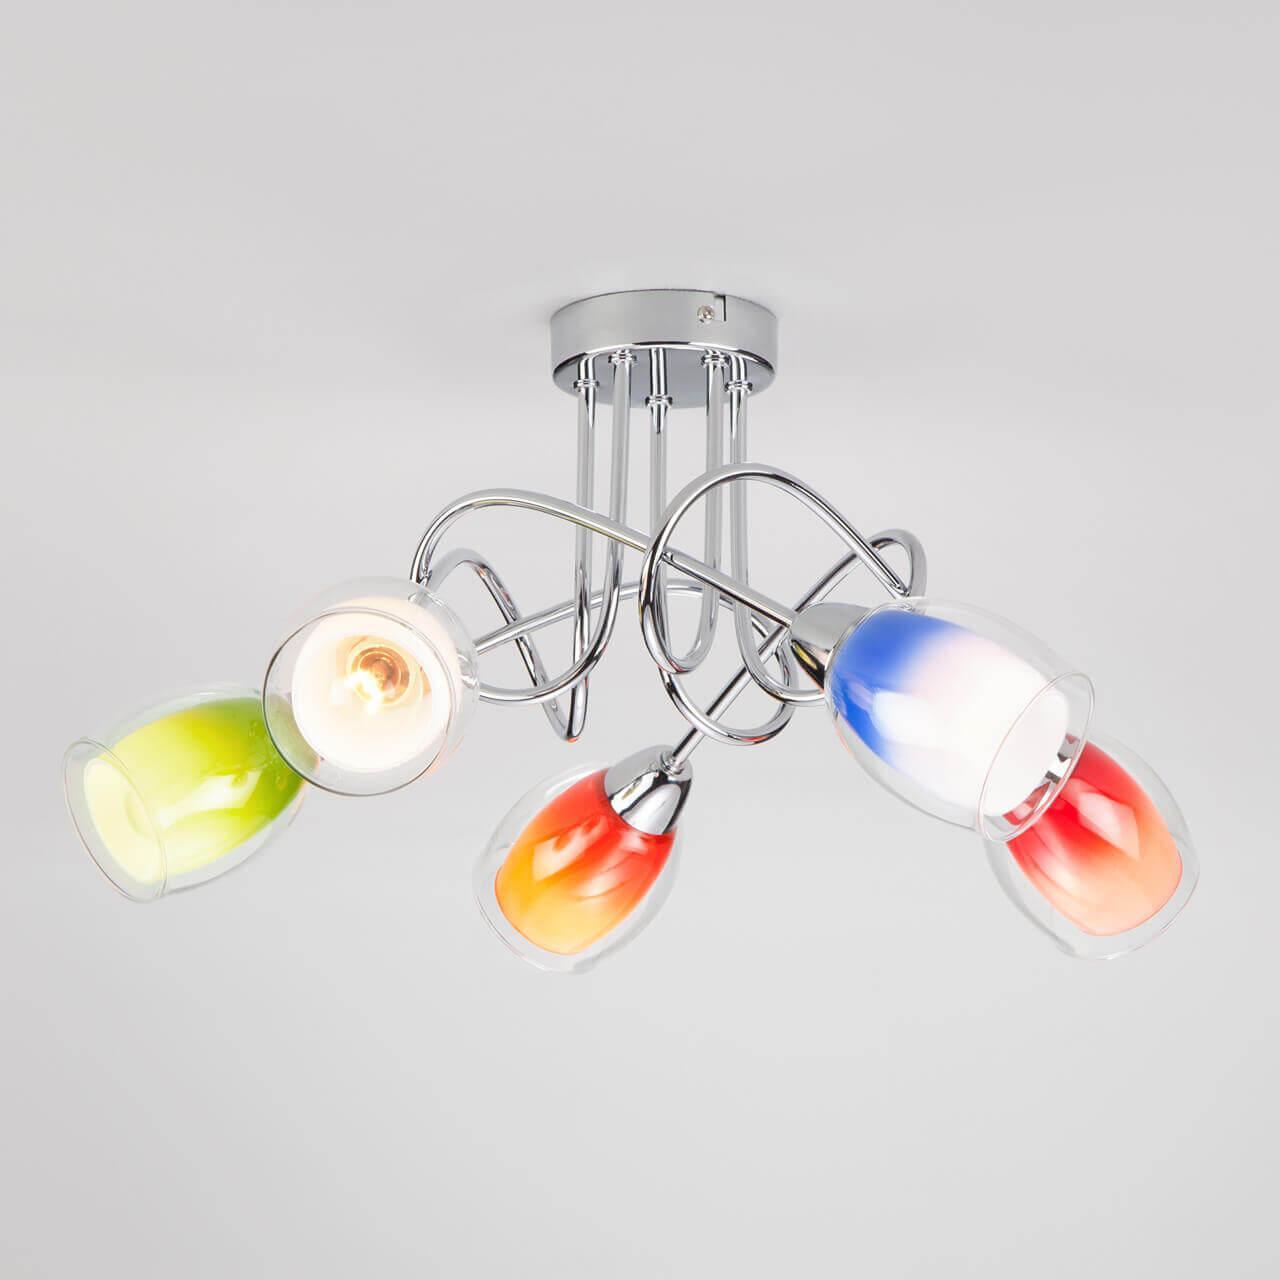 все цены на Потолочный светильник EUROSVET 2267/5 хром, E14, 40 Вт онлайн